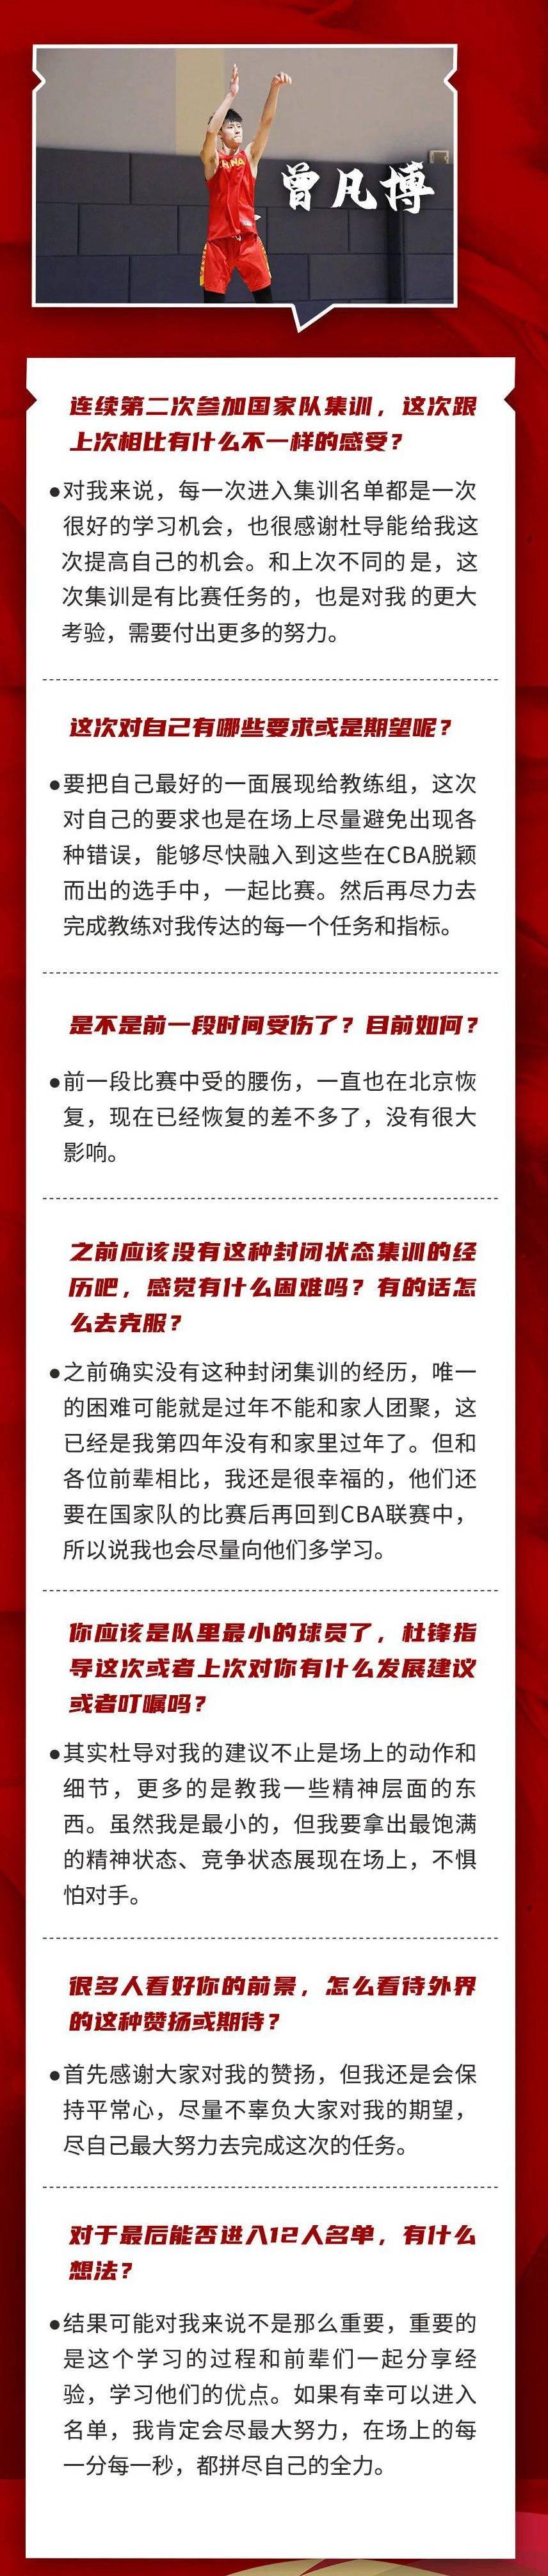 曾凡博:将展现出最好的一面 杜指导的建议不止于场上_杜锋